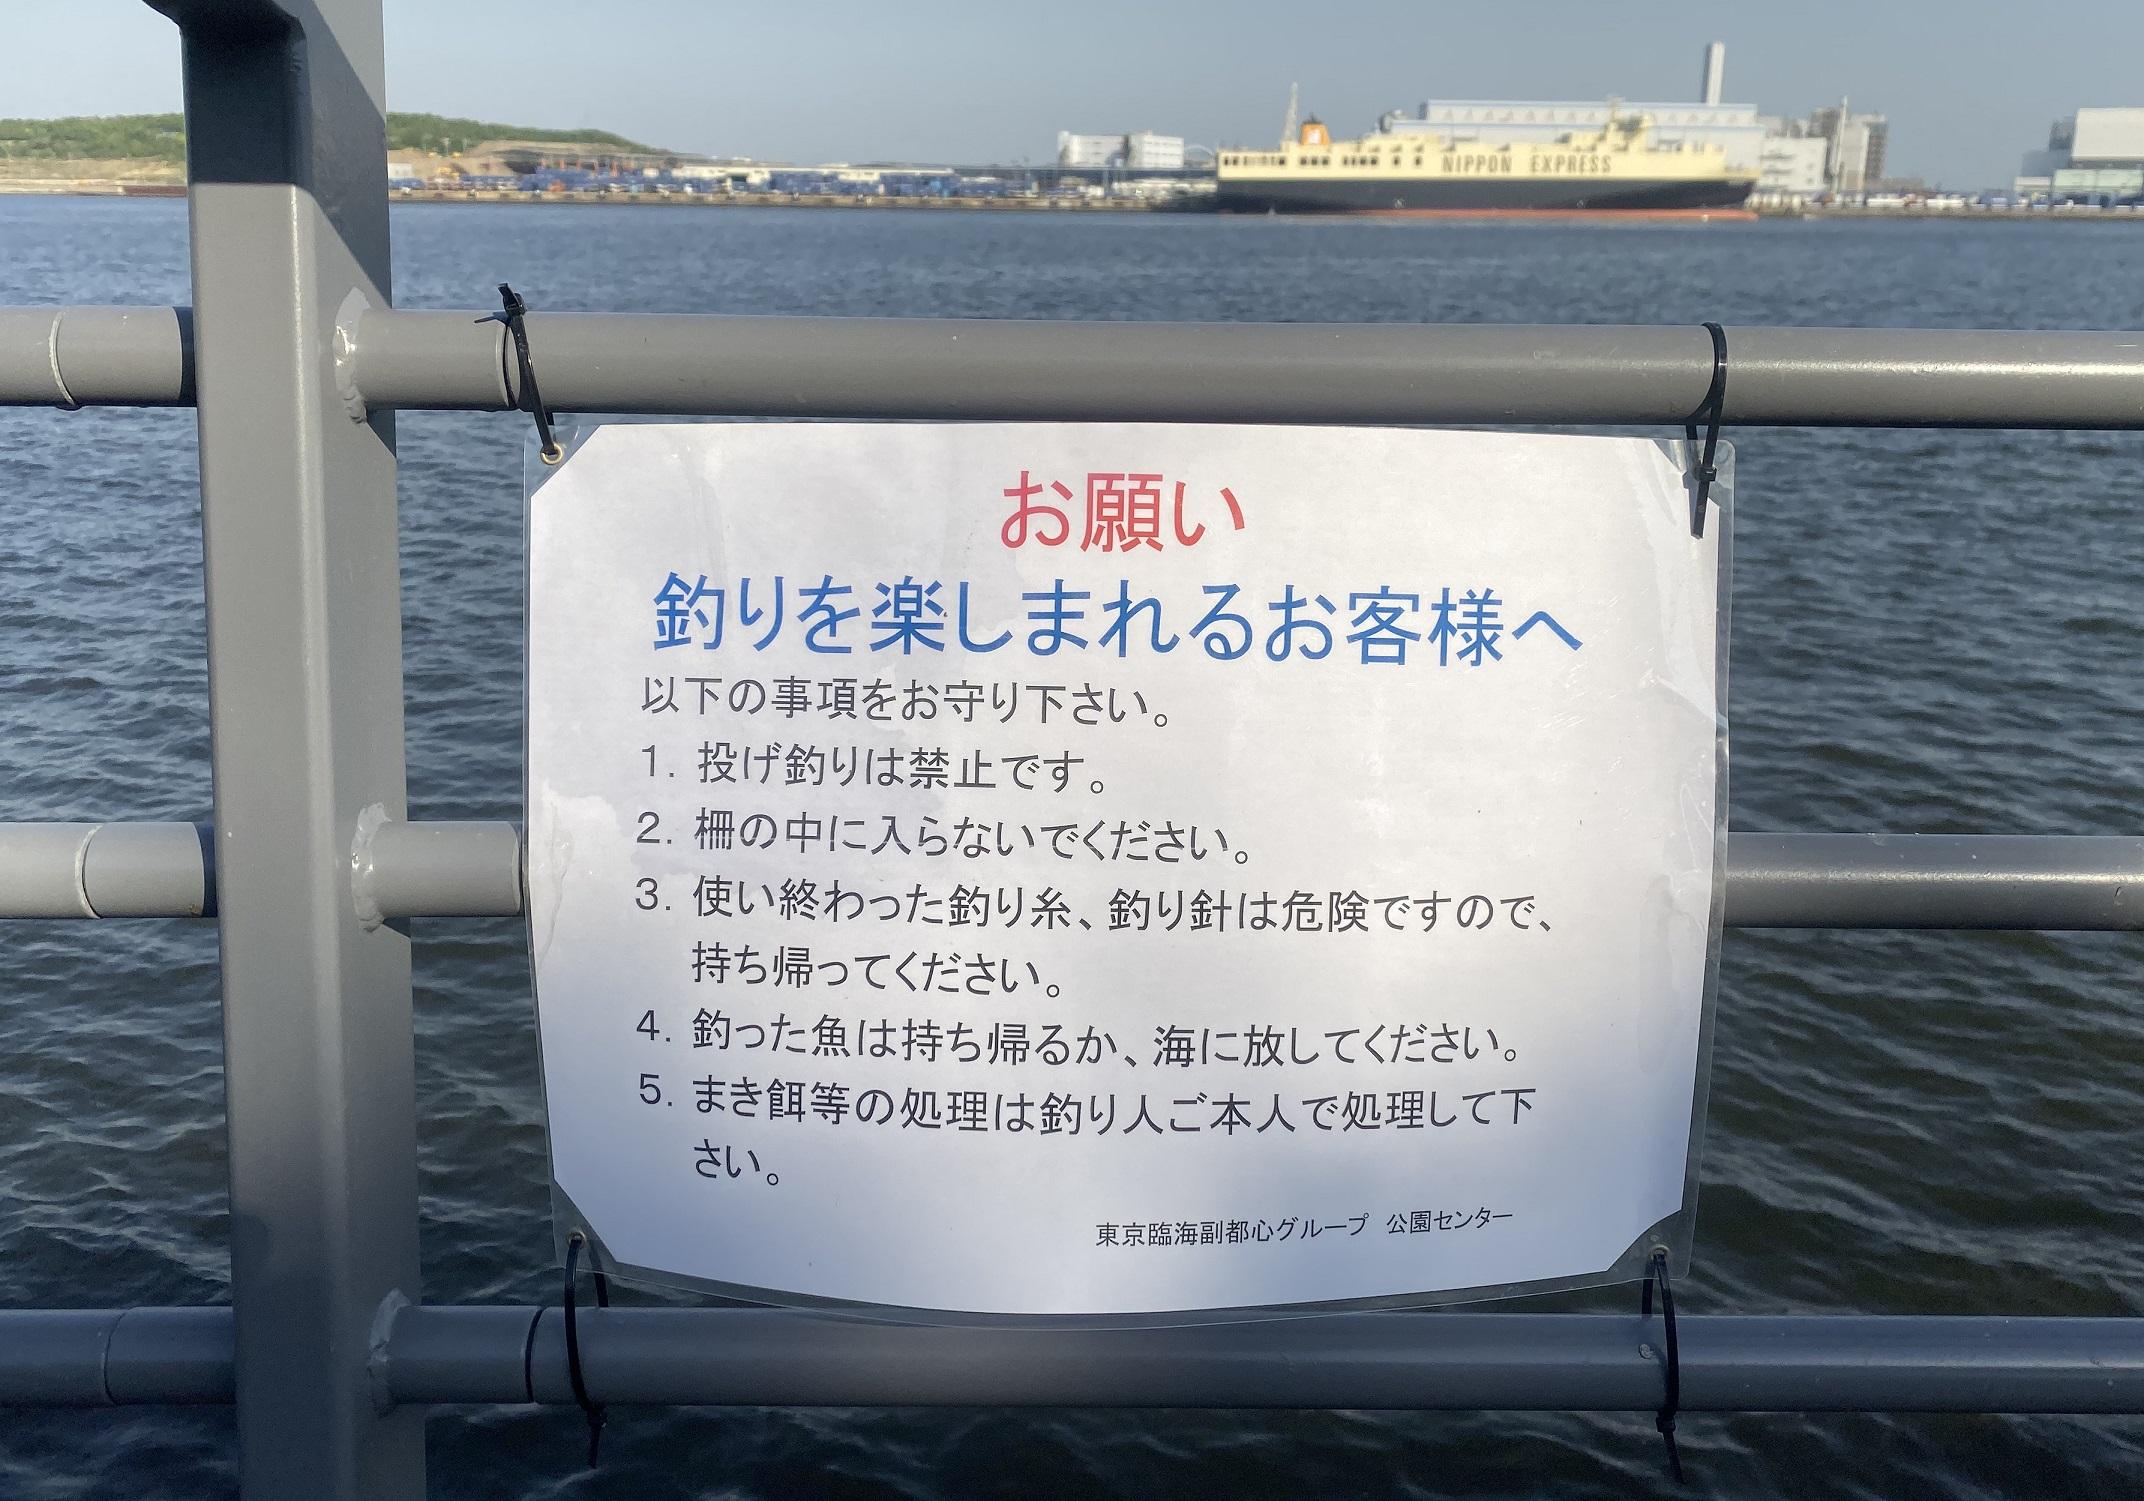 暁ふ頭公園 注意書き